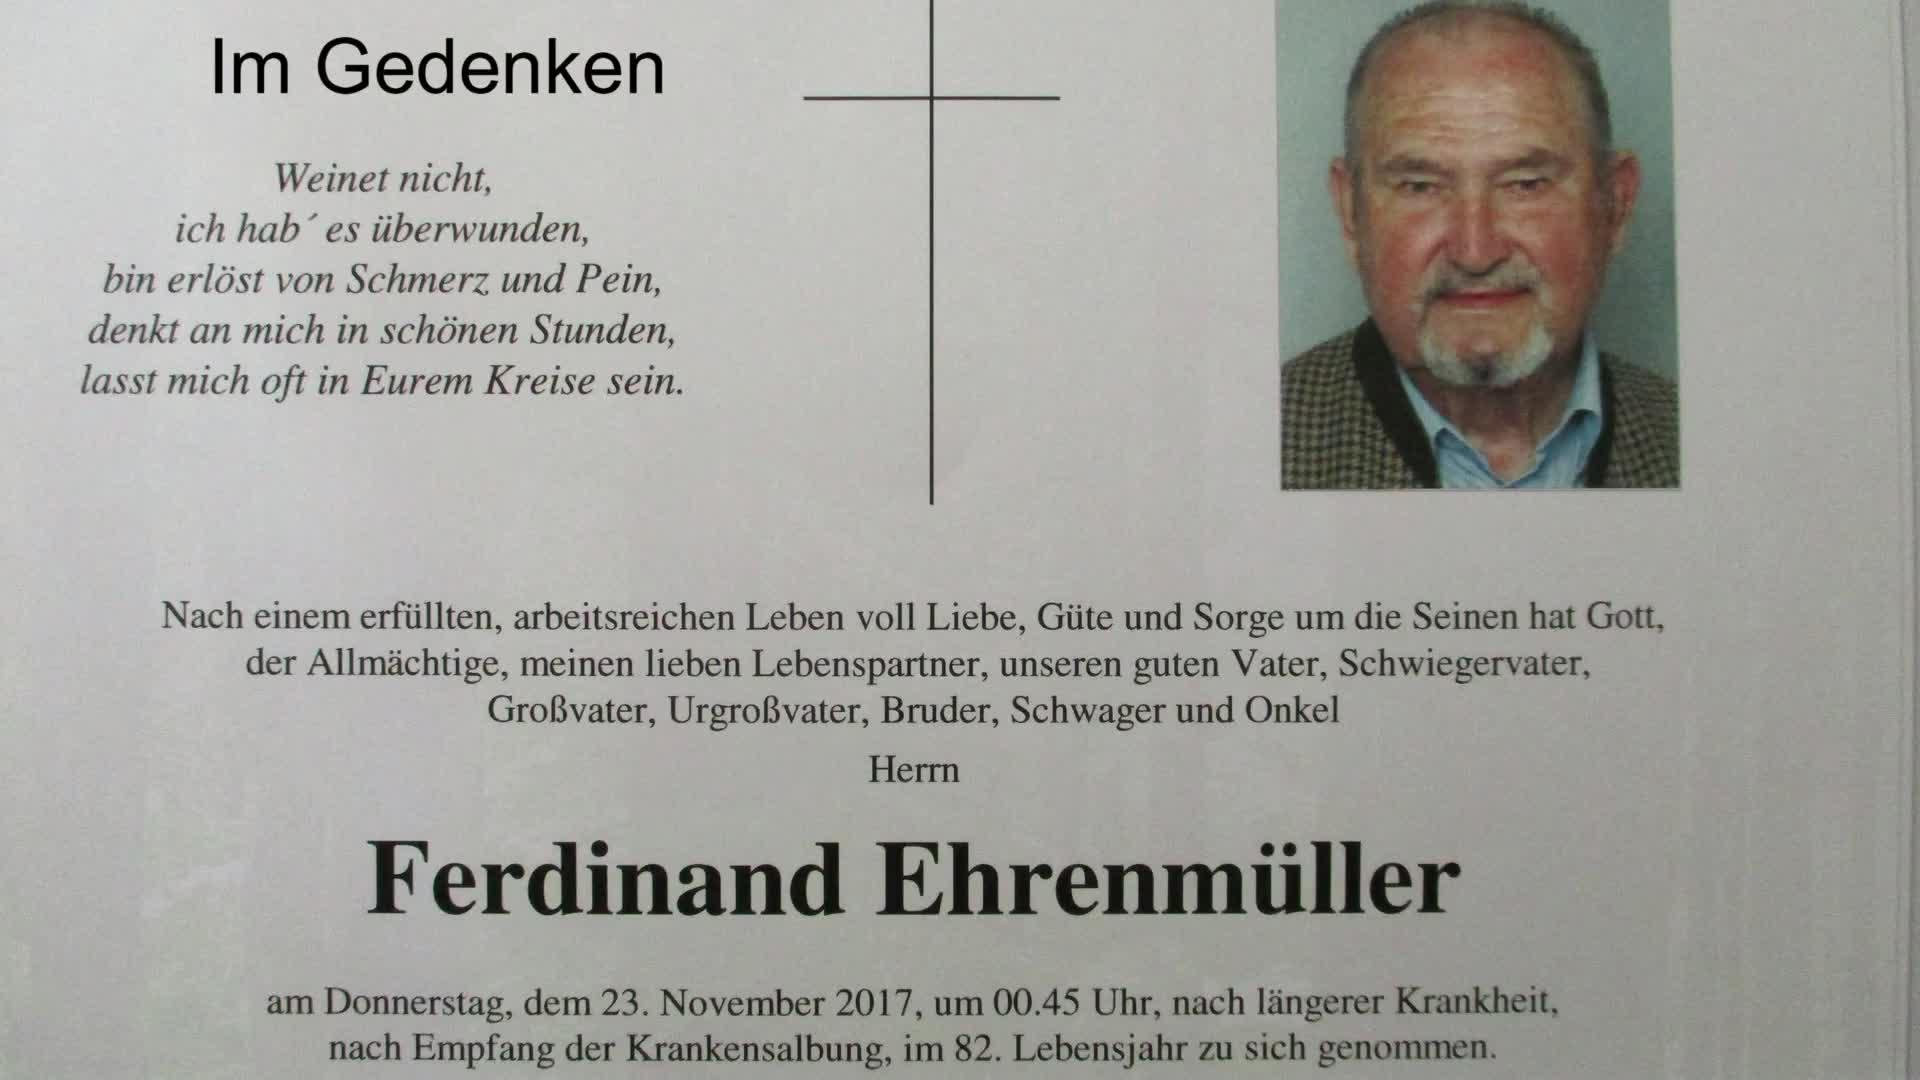 Im Gedenken an Ferdinand Ehrenmüller